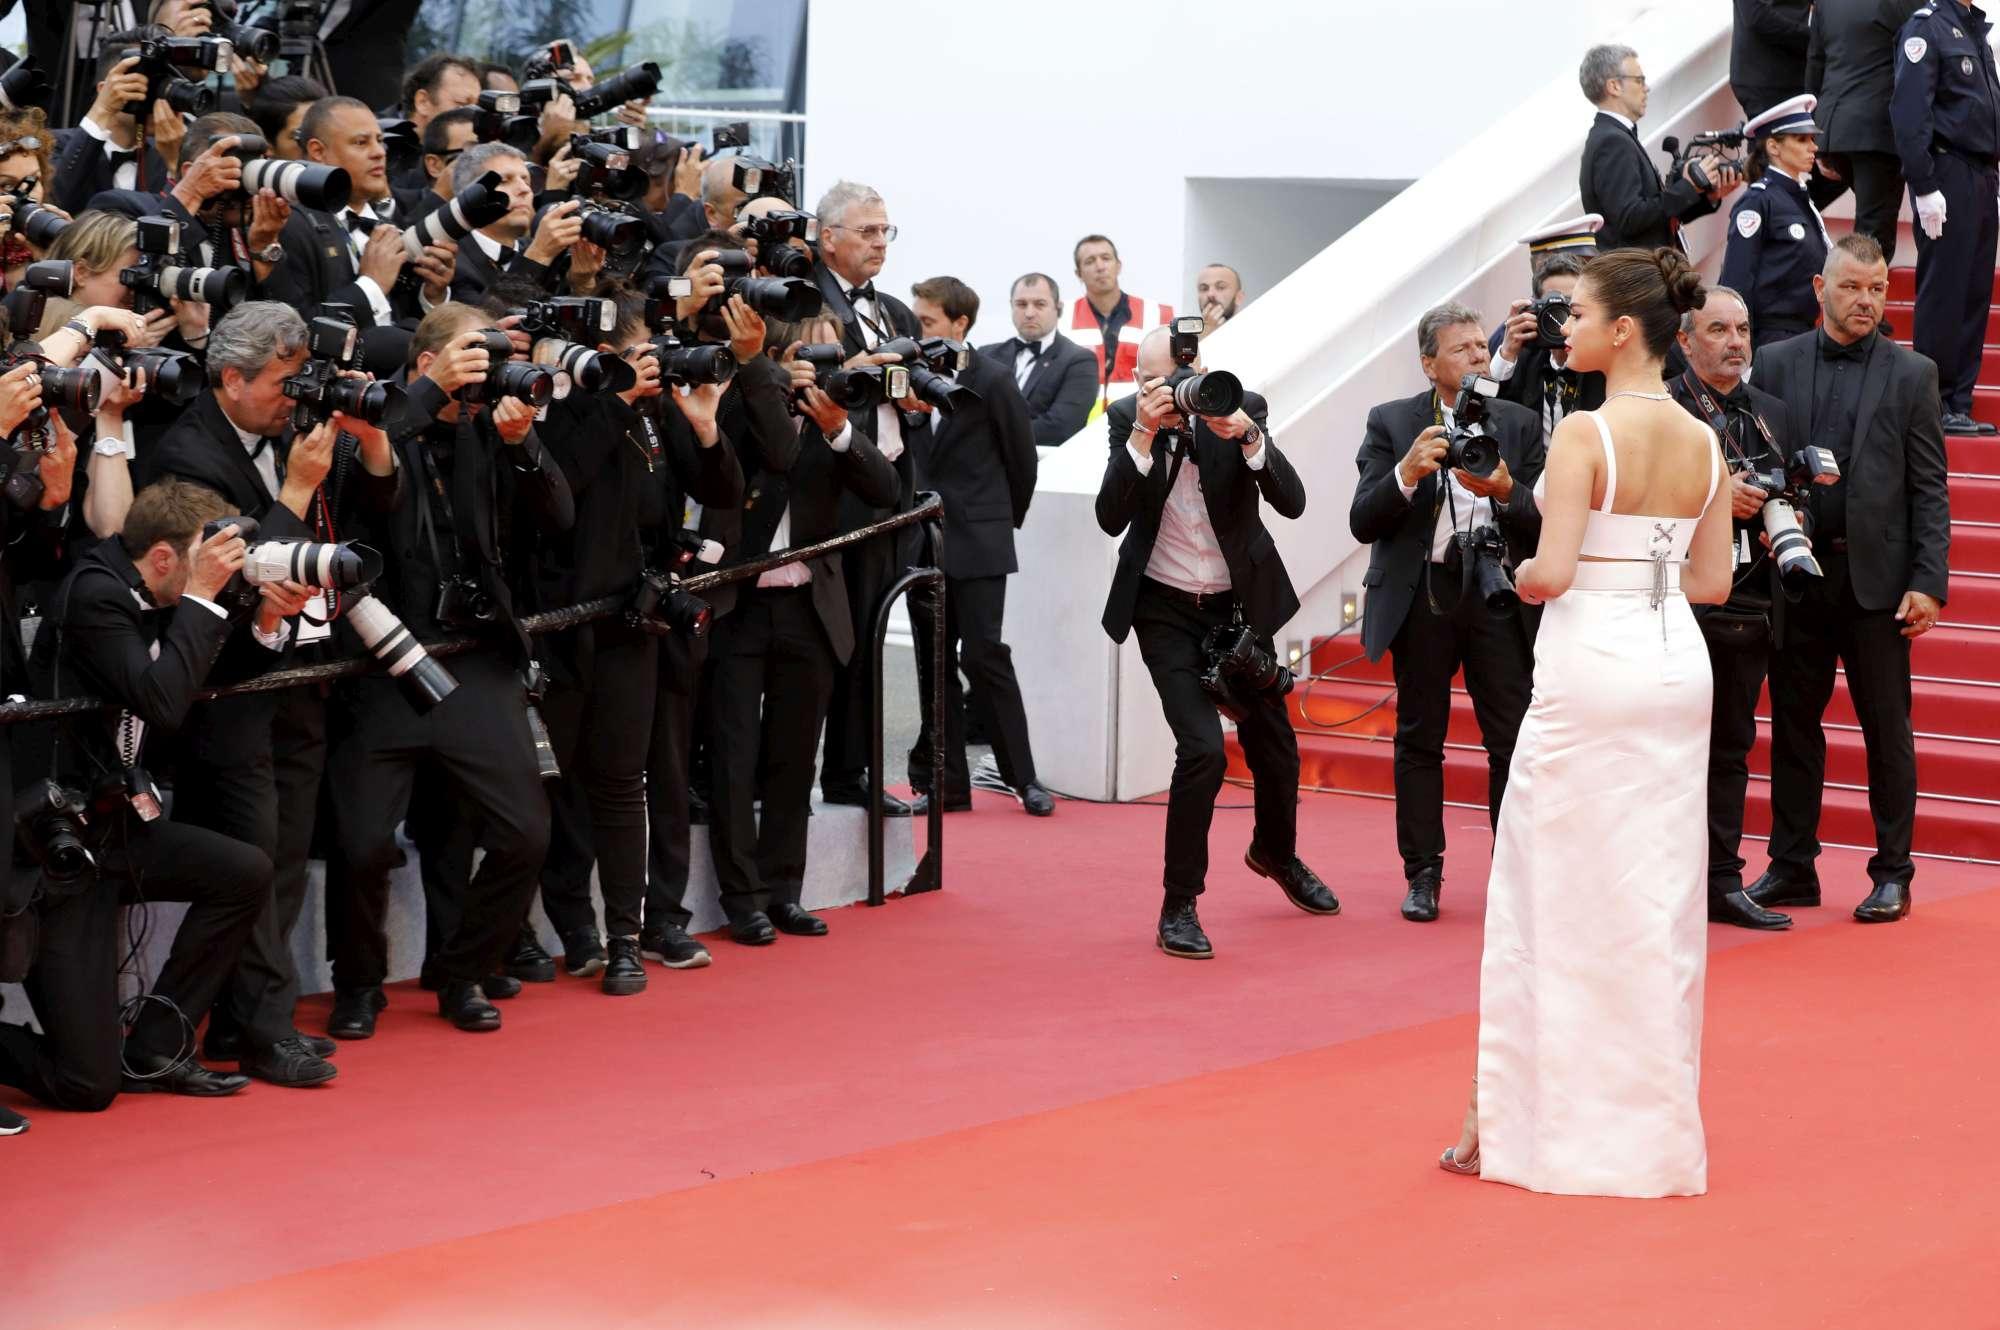 Cannes 2019, da Selena Gomez a Charlotte Gainsbourg: tutti sul red carpet per l'apertura